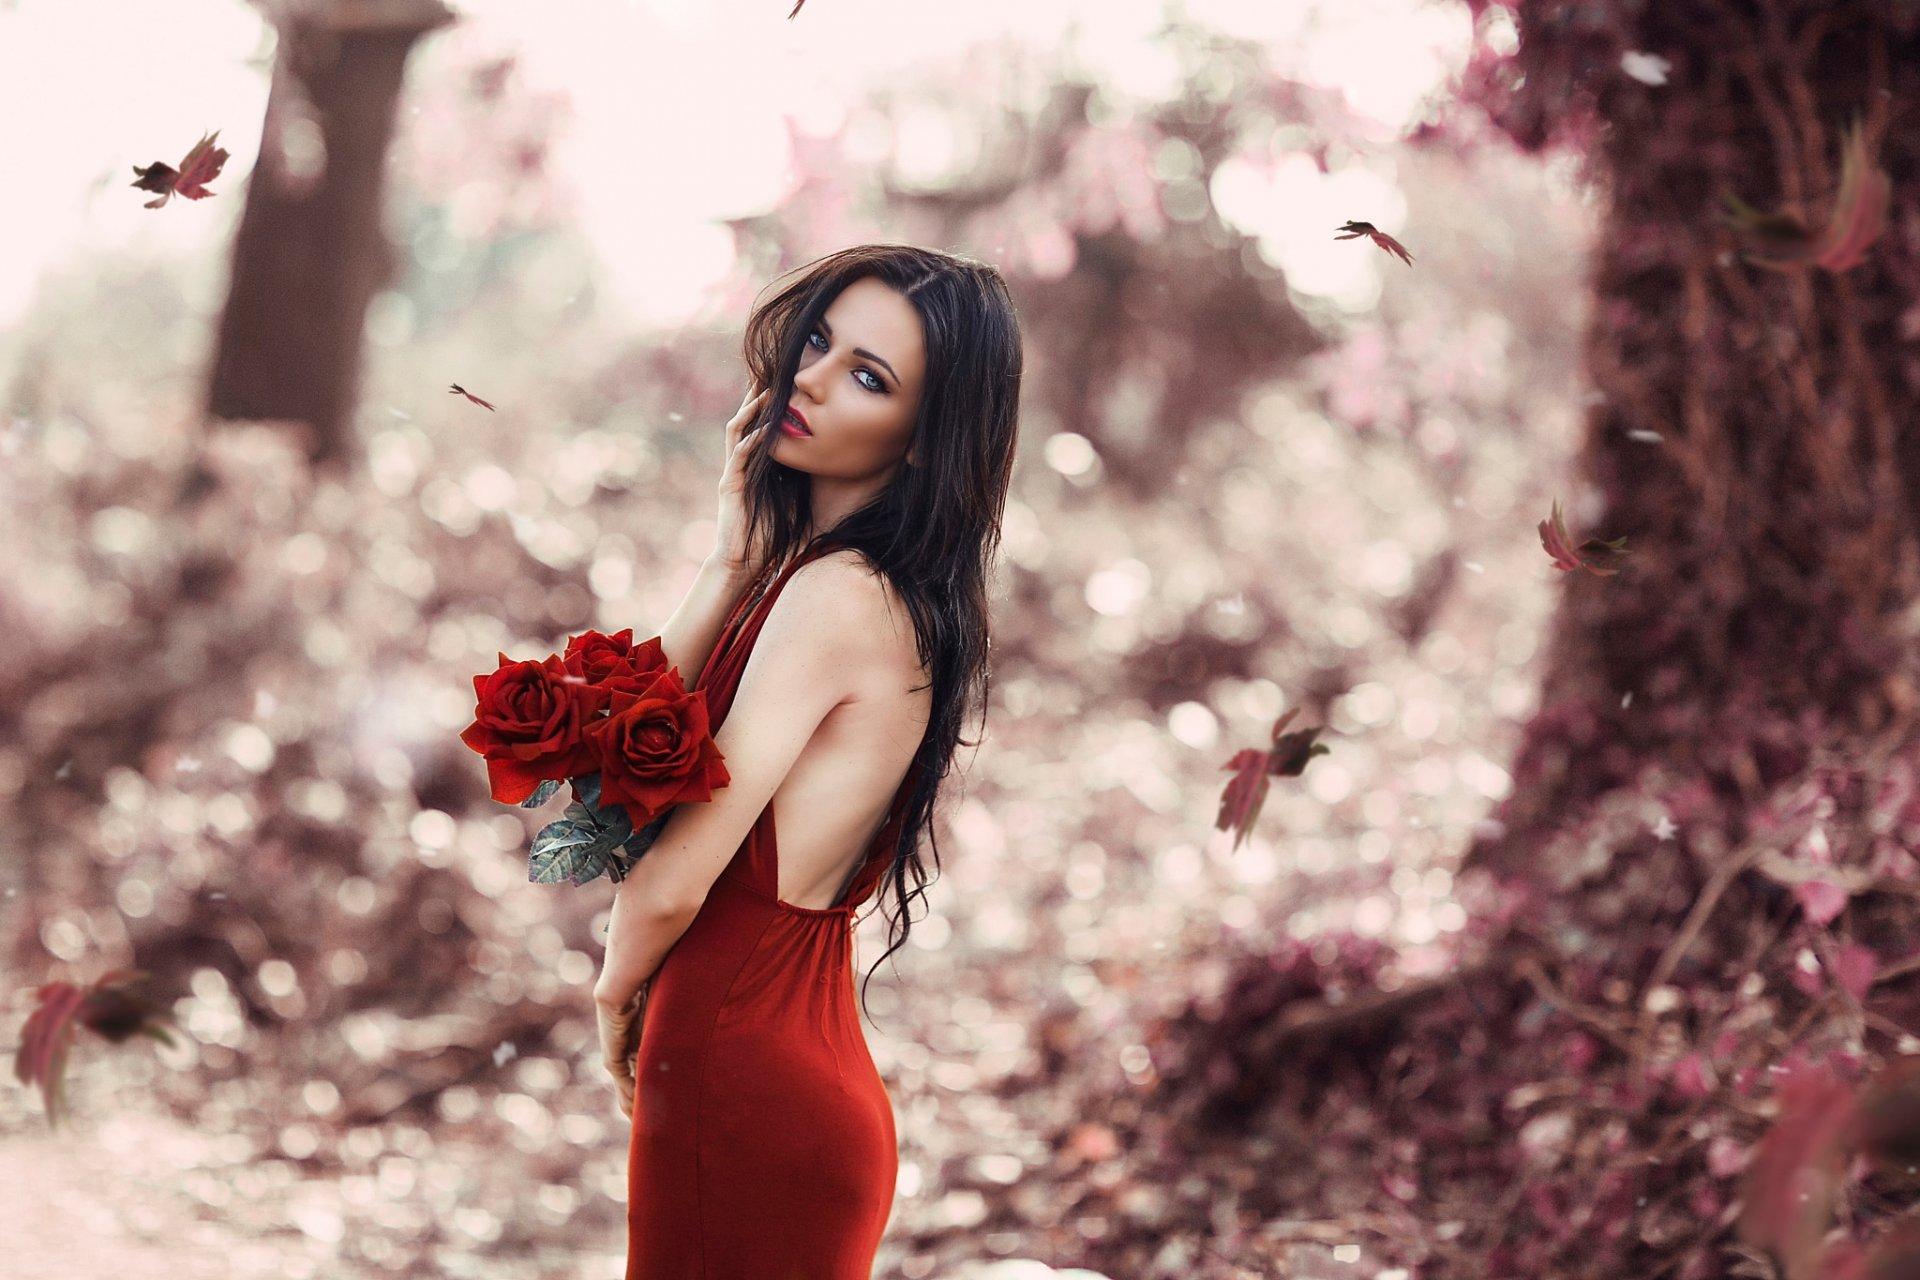 Hd фото девушек в платьях